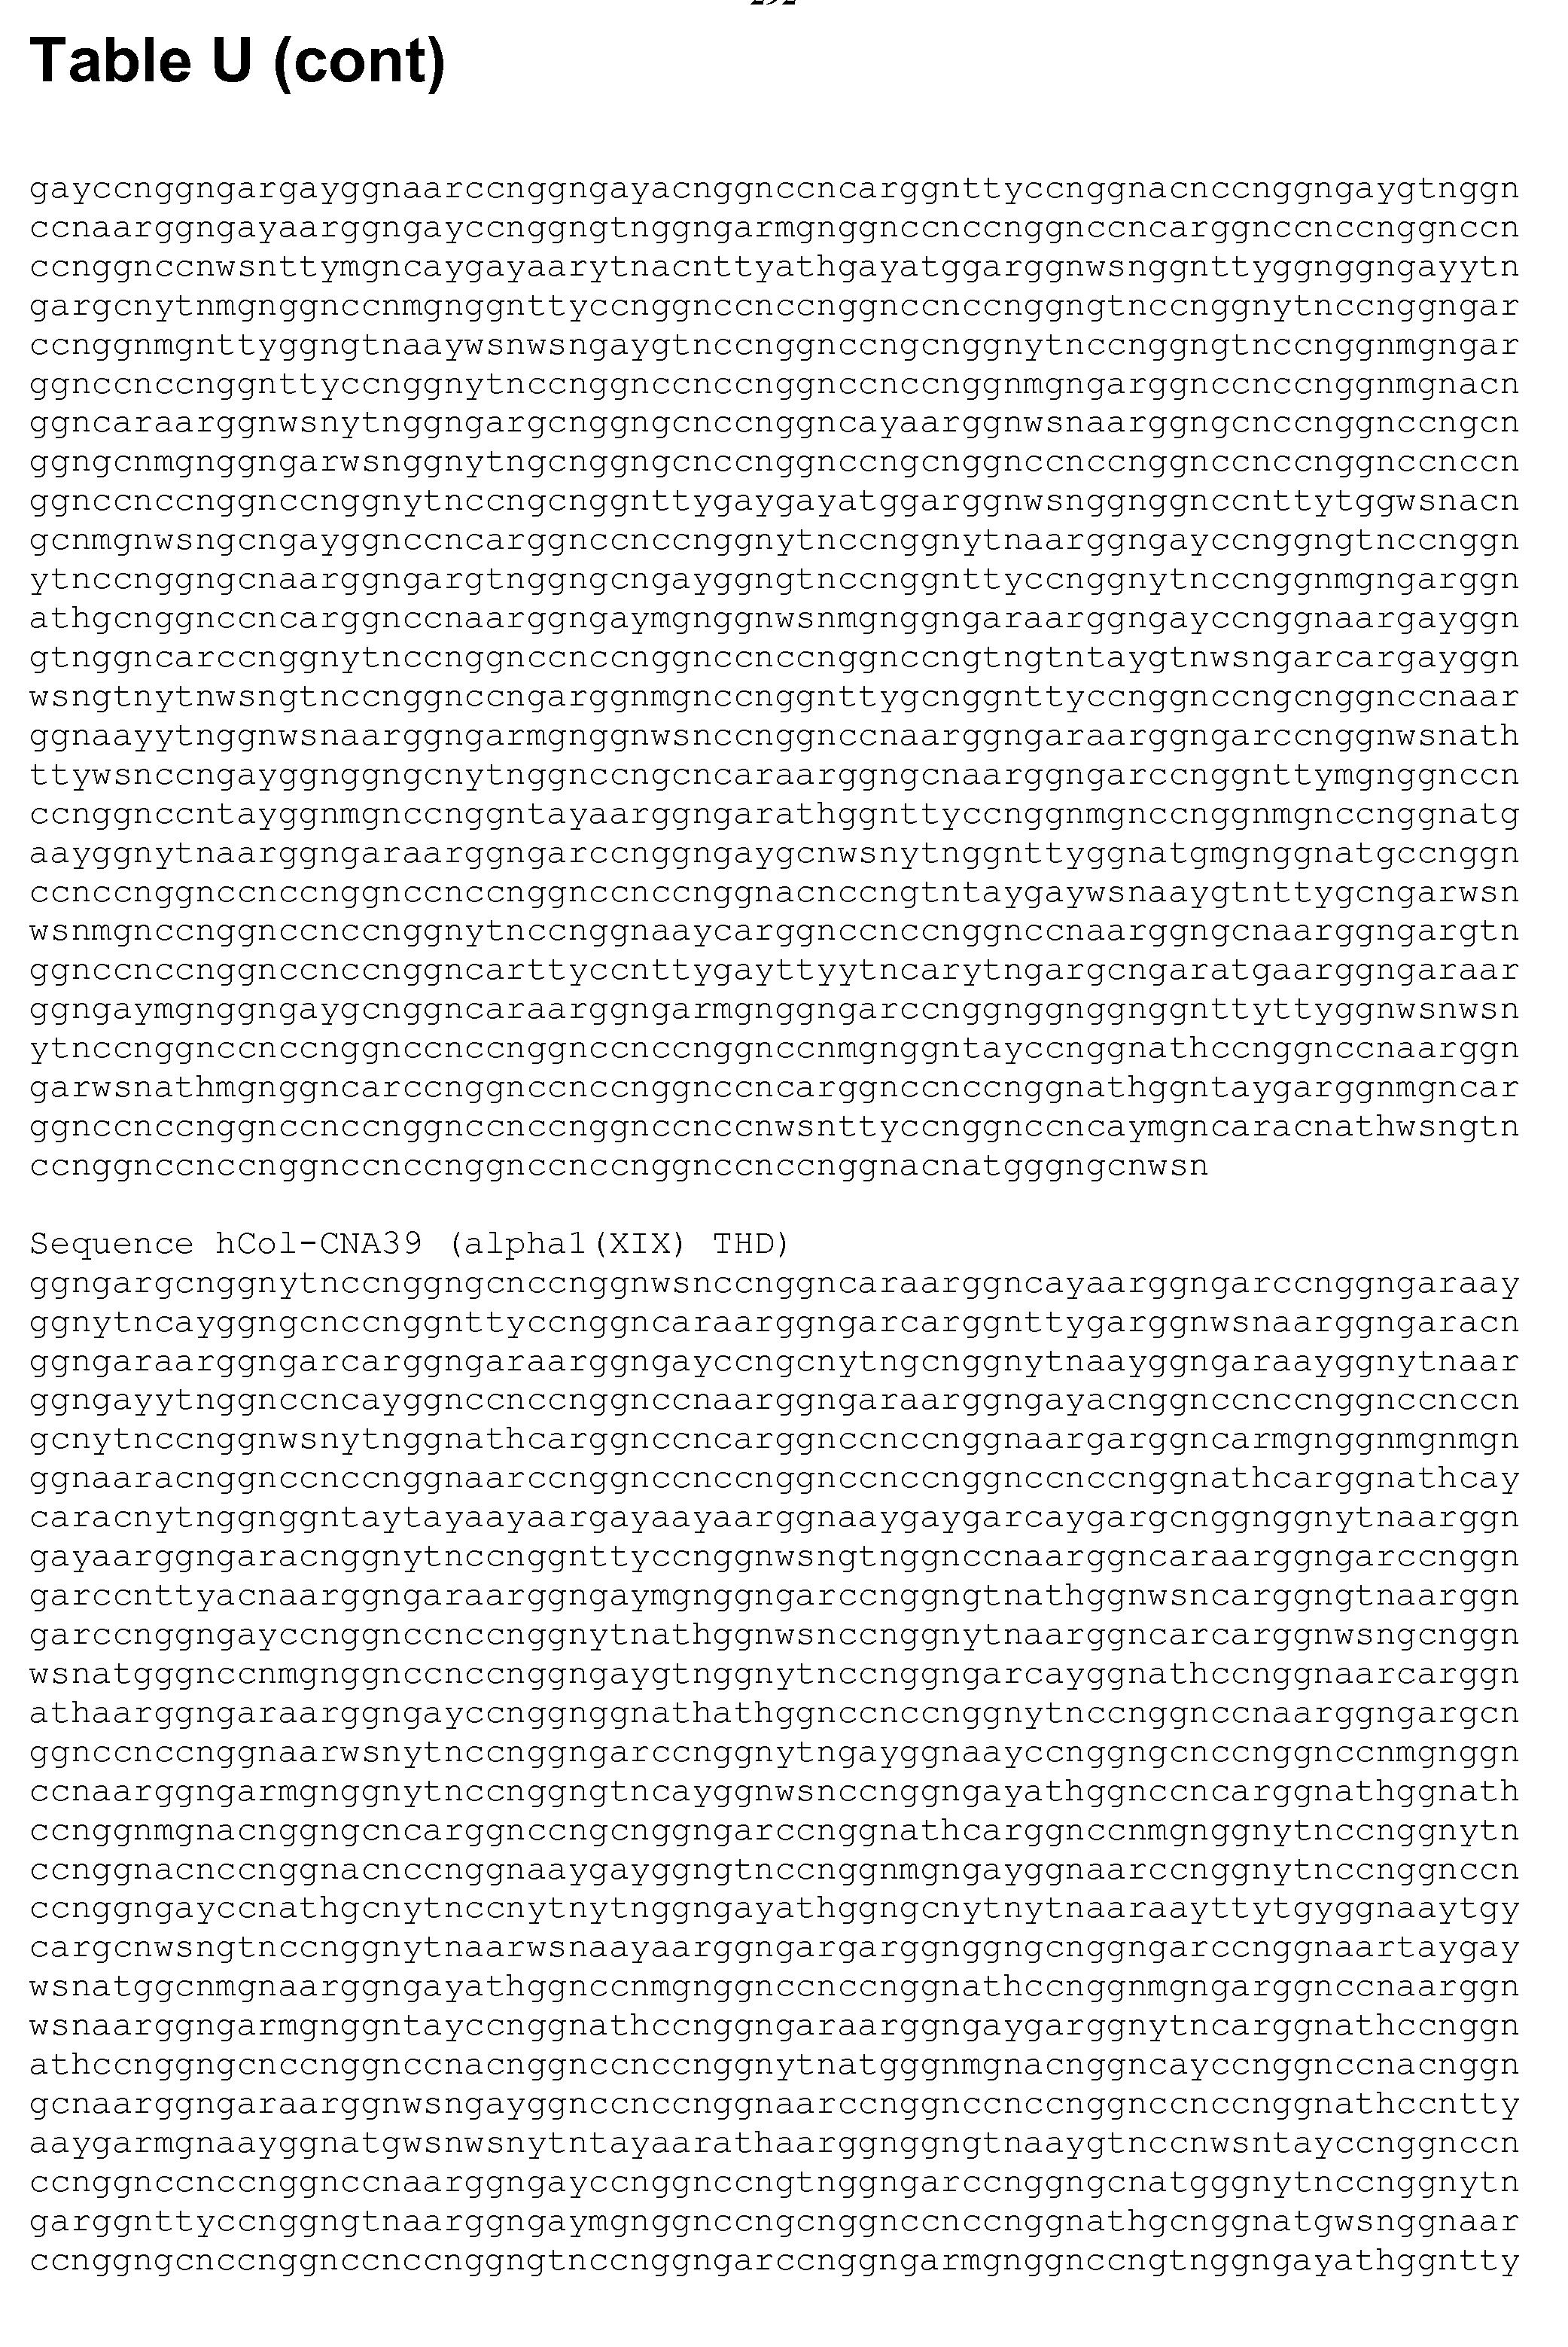 Figure imgf000293_0001